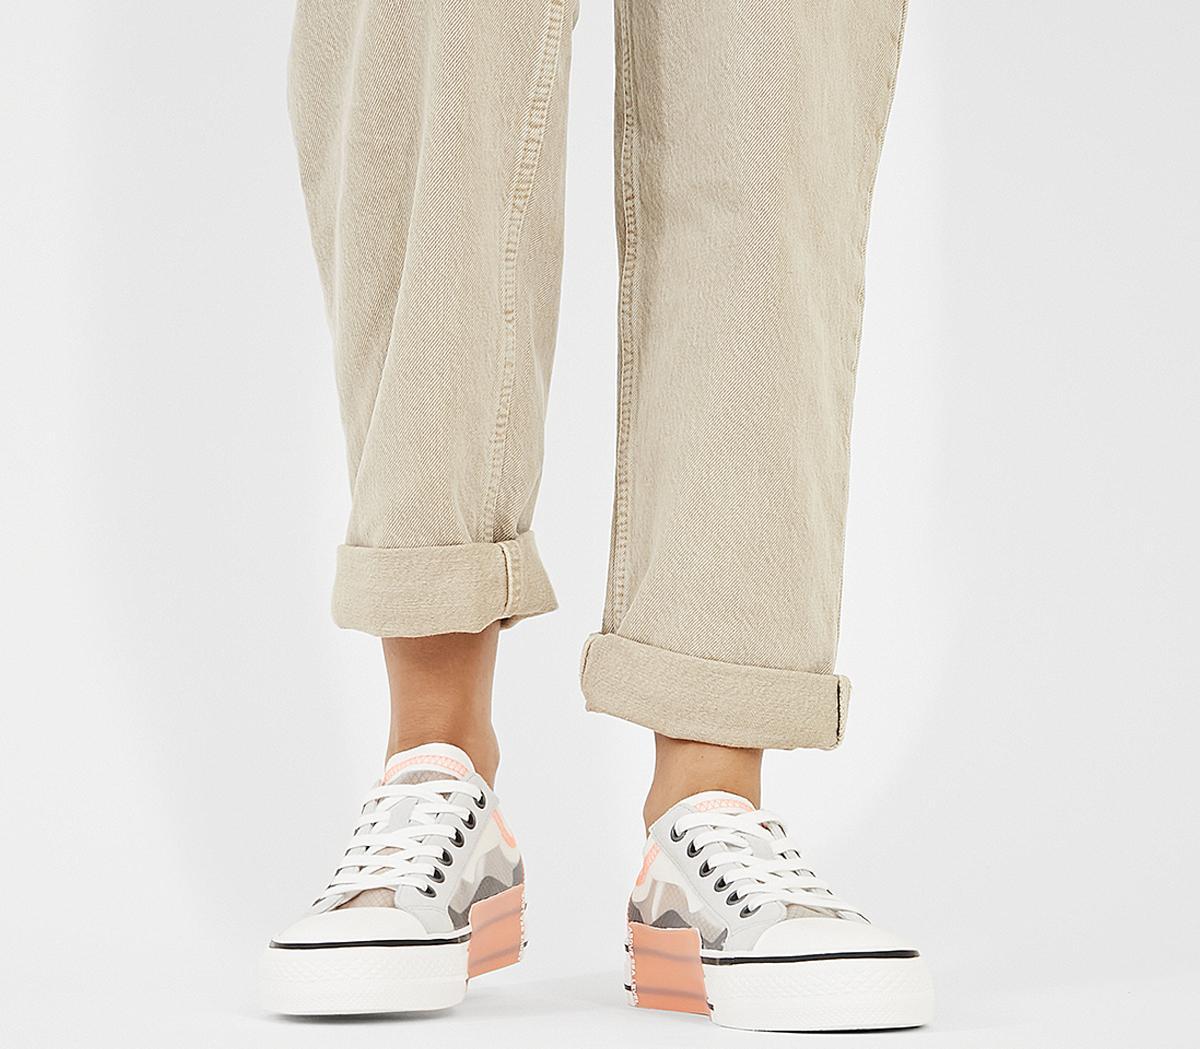 Vertu Sneakers